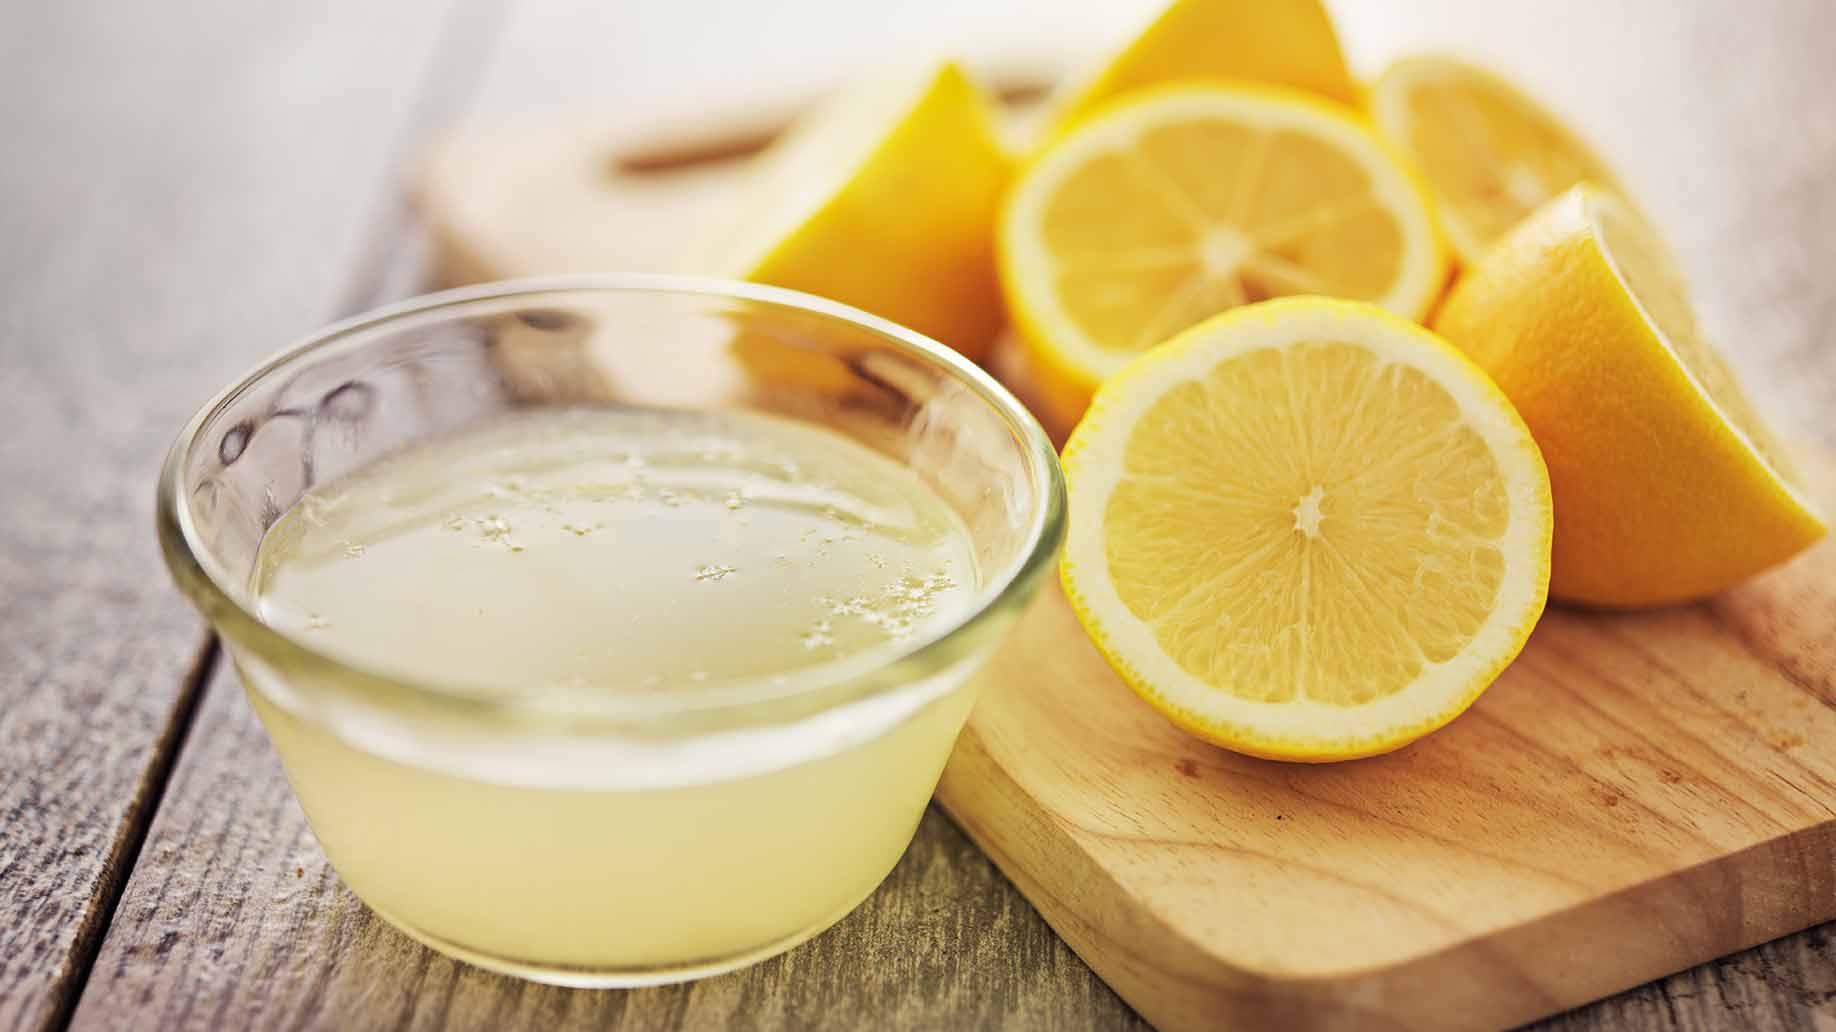 juice of 1 lemon in tbsp